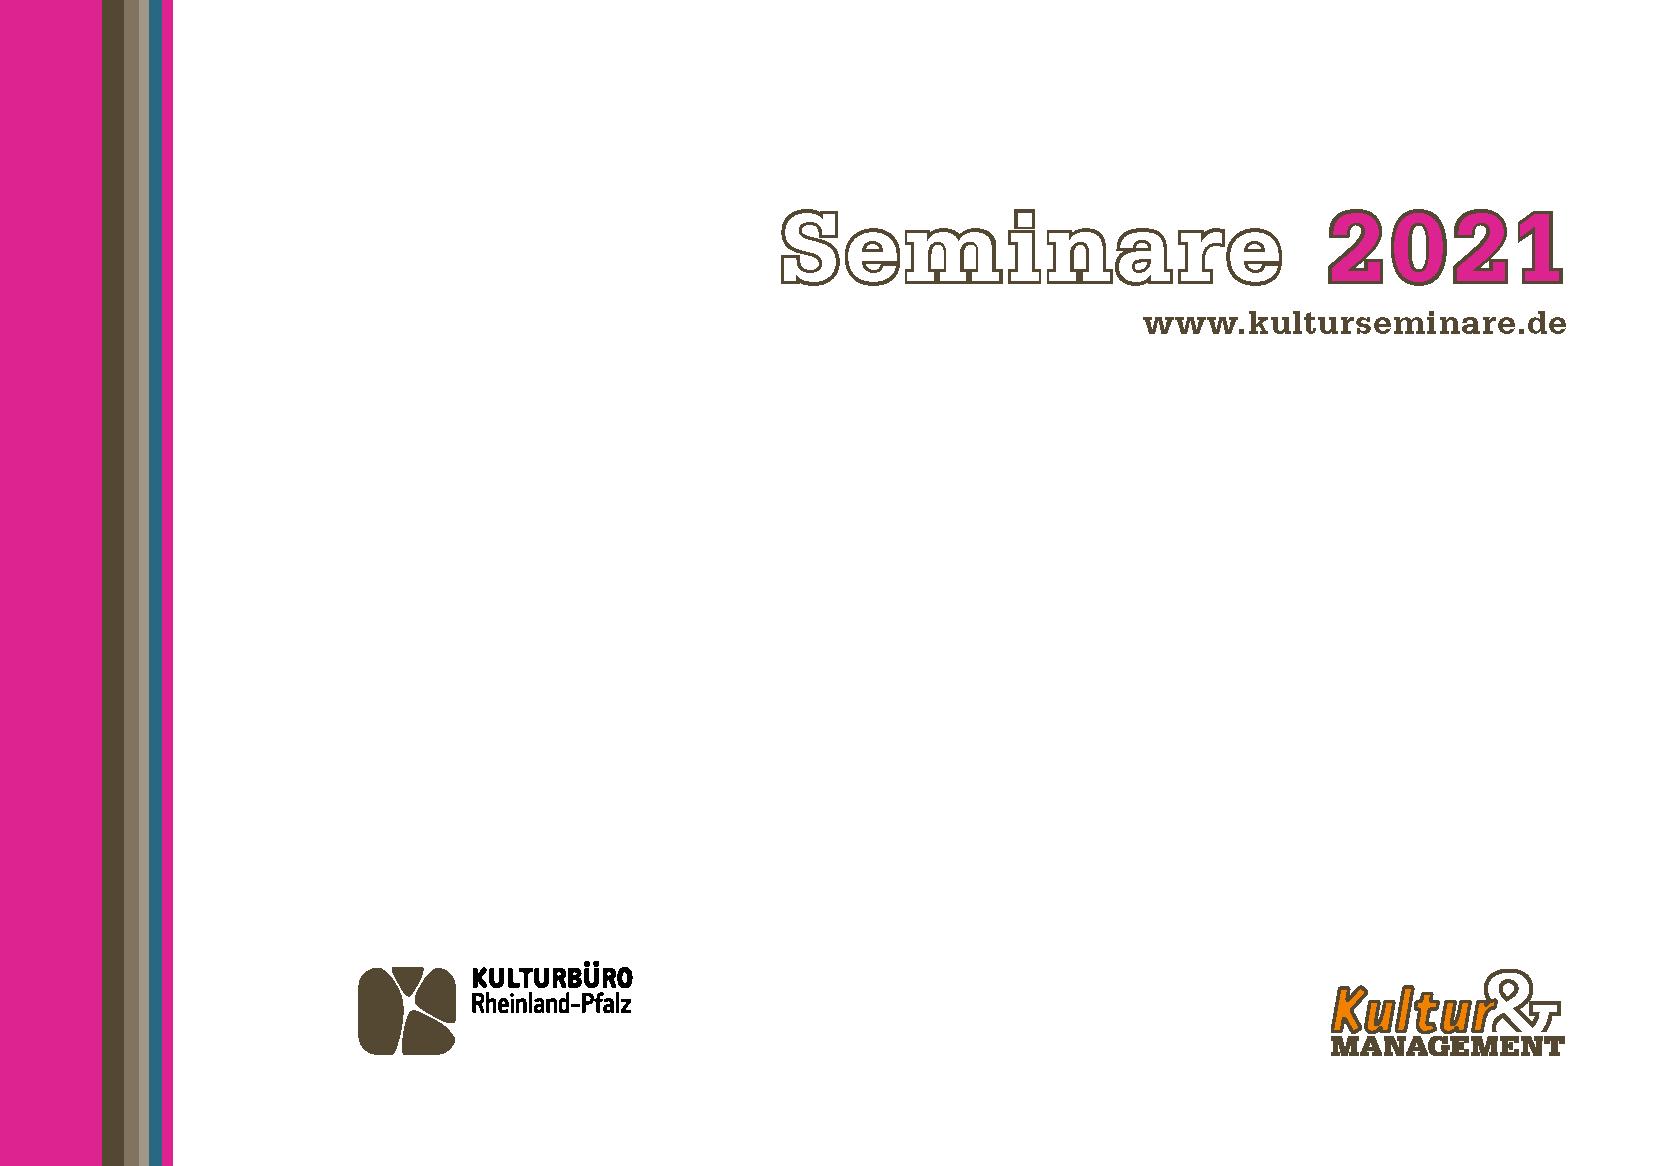 Titelseite des Programmheftes für Kultur&Management